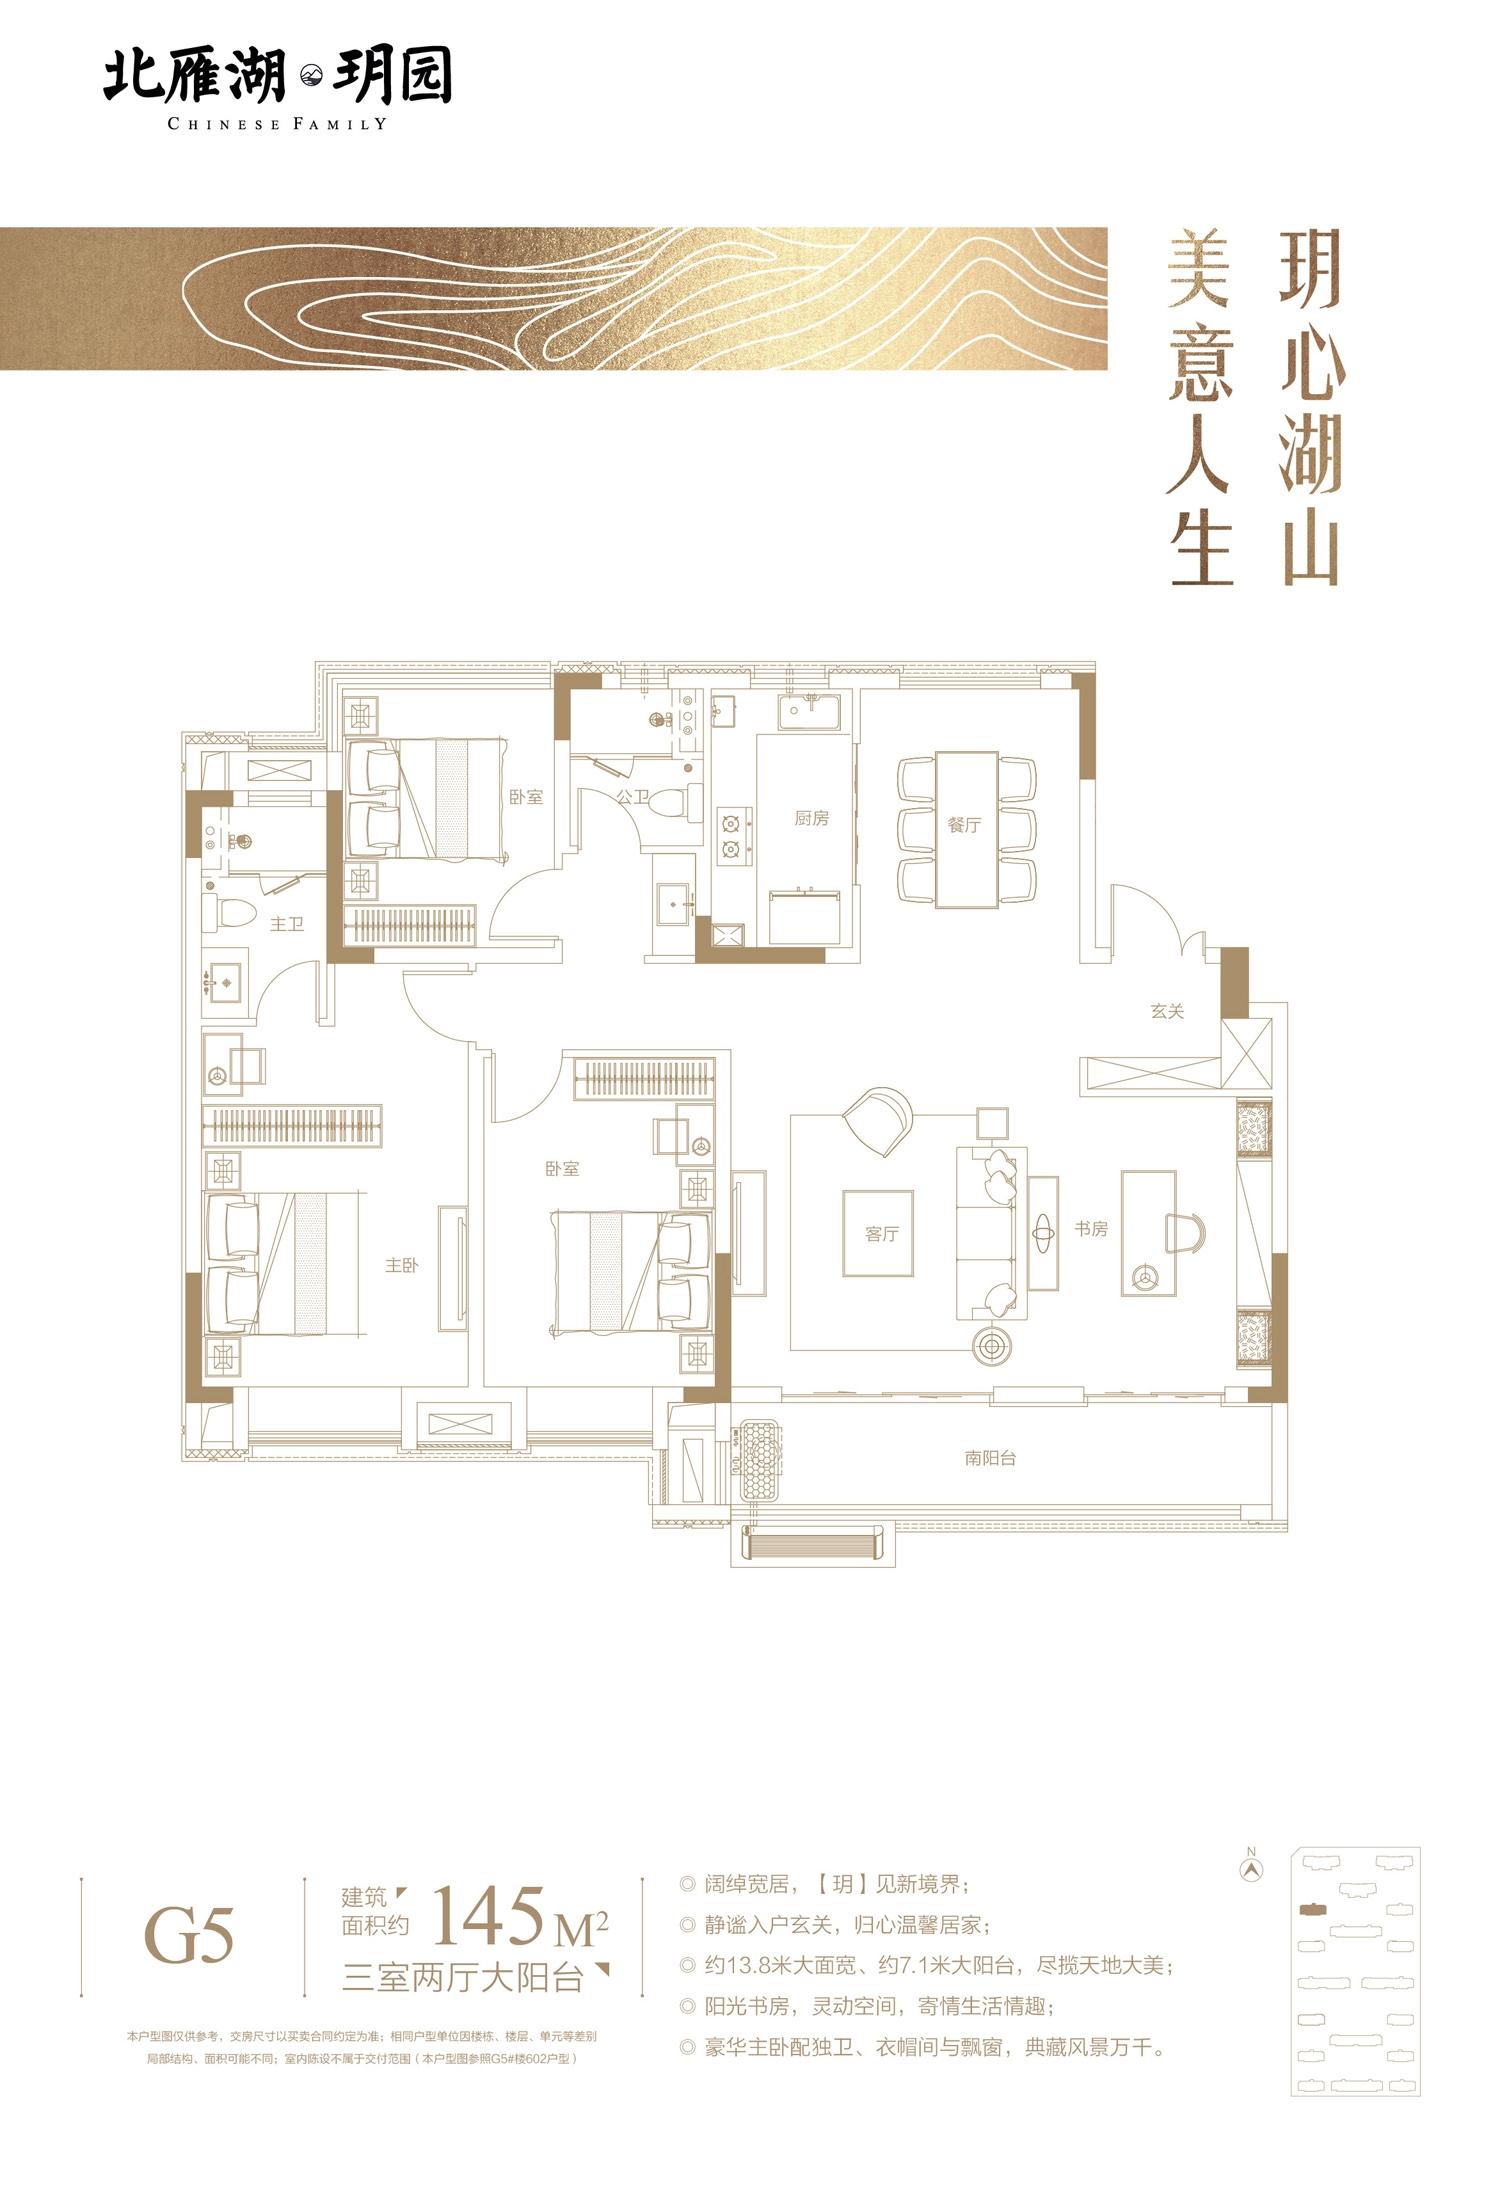 北雁湖玥园G5#145㎡户型图